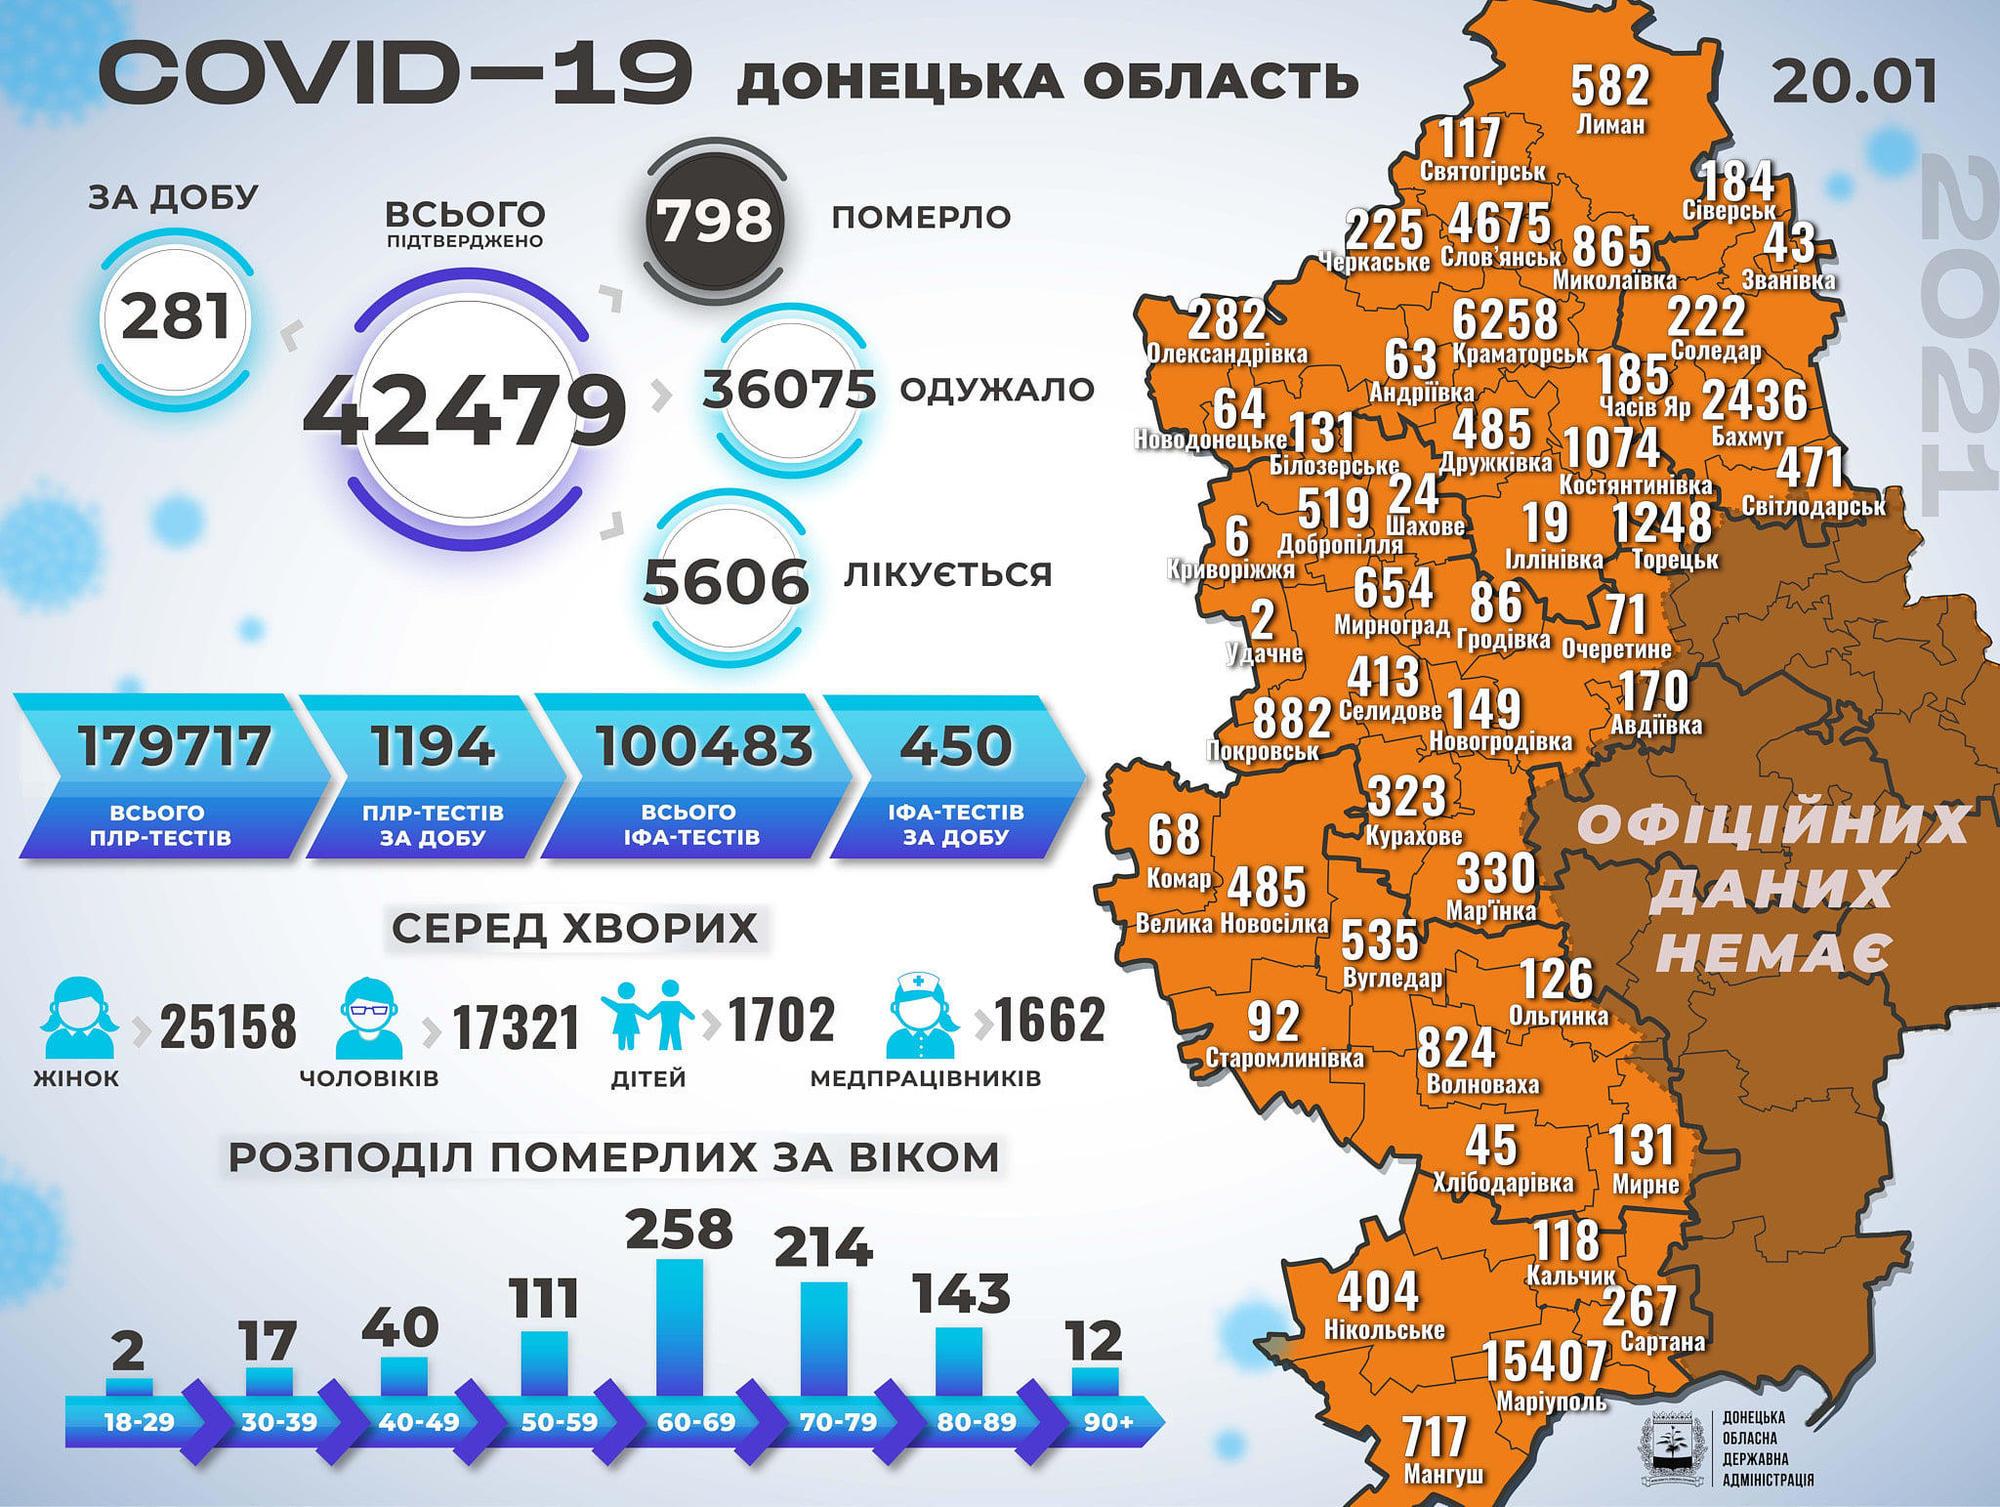 коронавирус в Донецкой области на 21 января